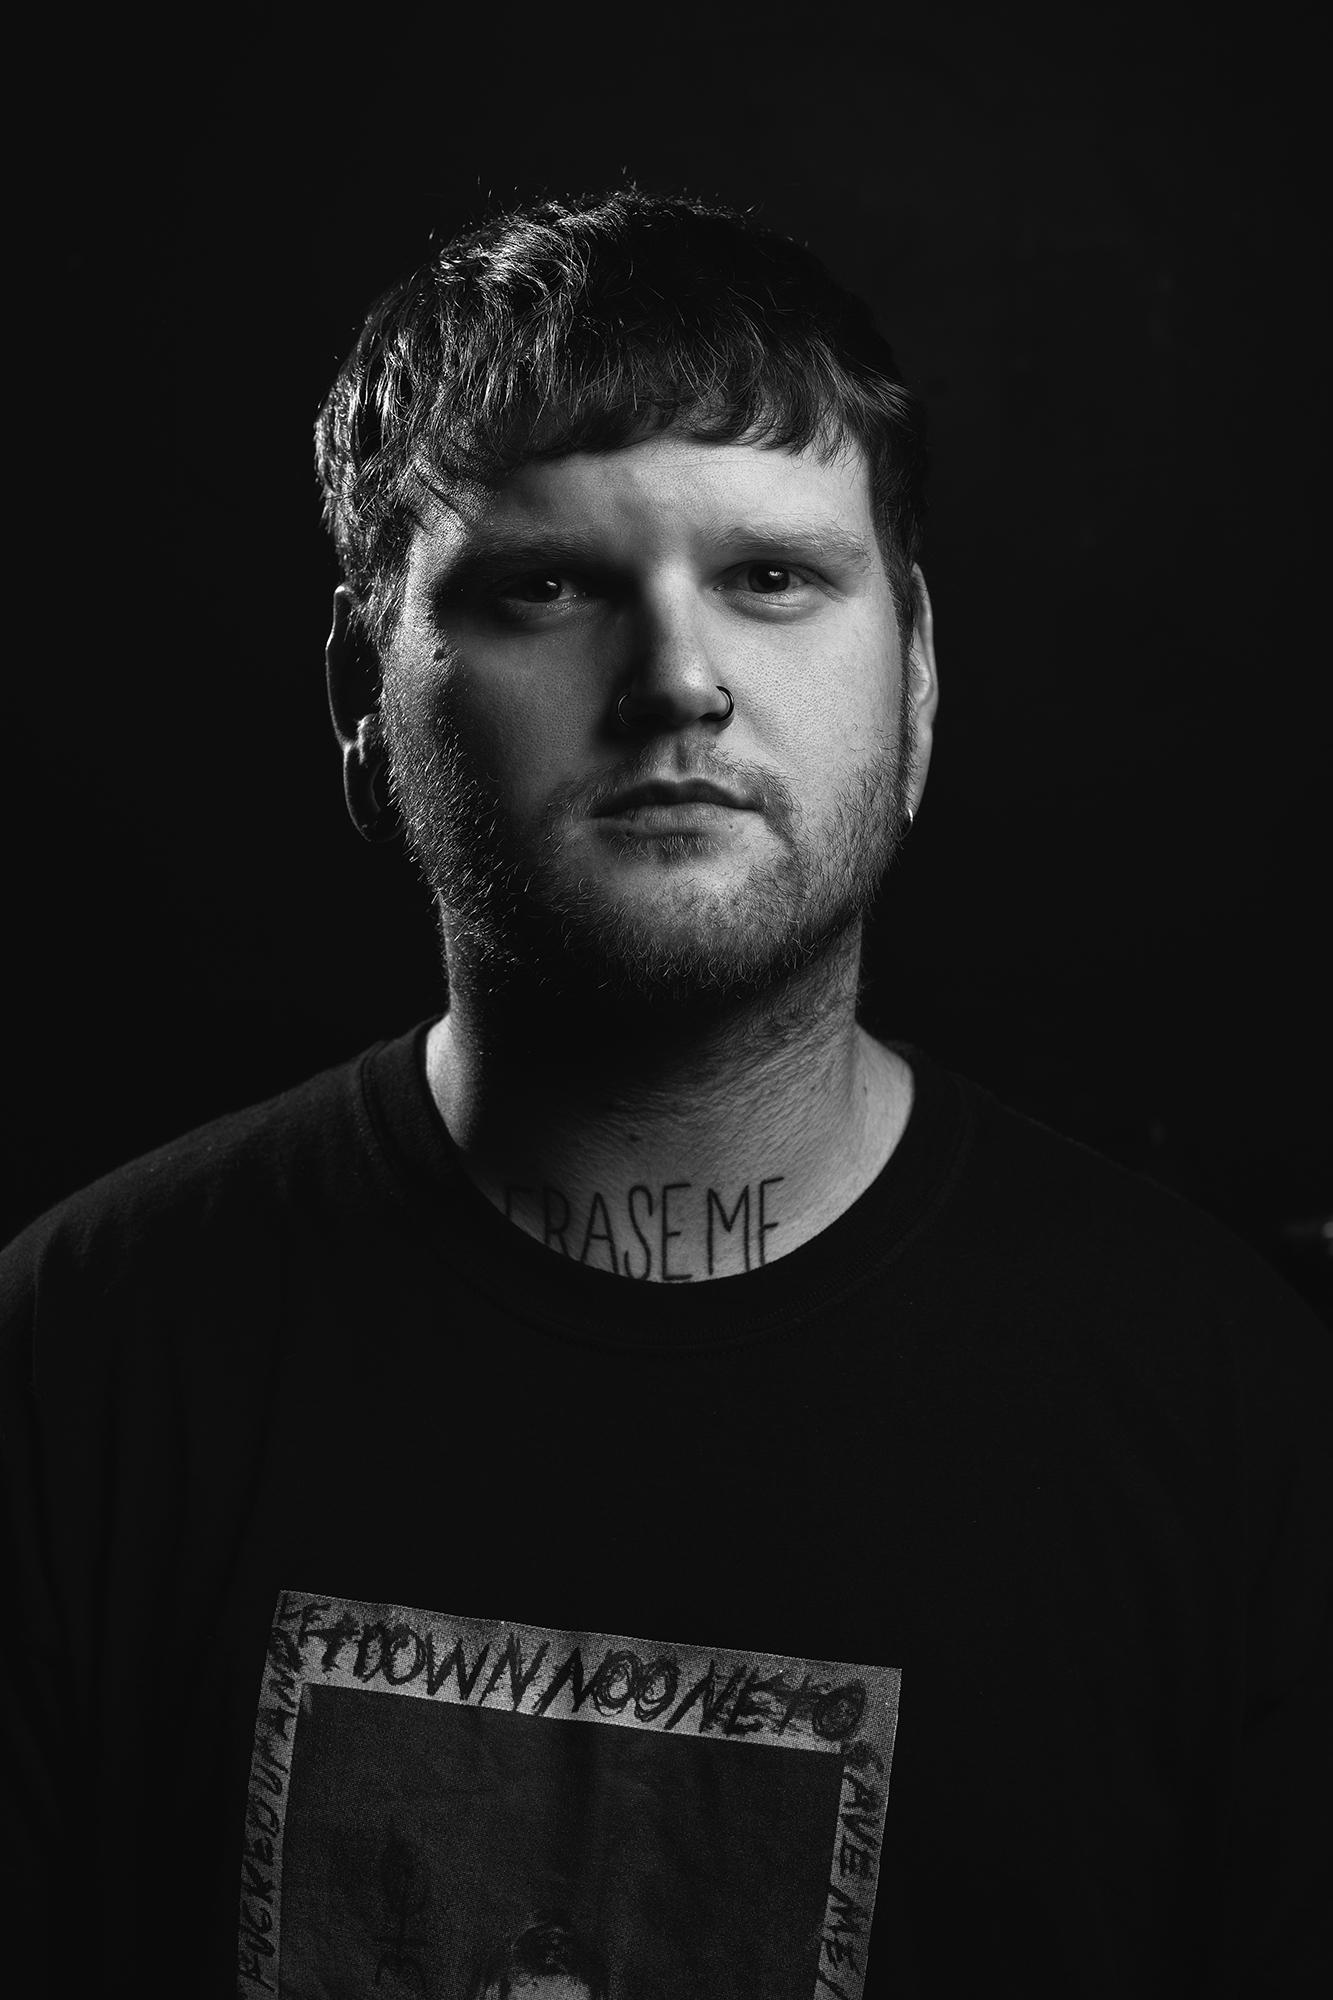 john arnold - bass / backing vocalsAlpha wolf